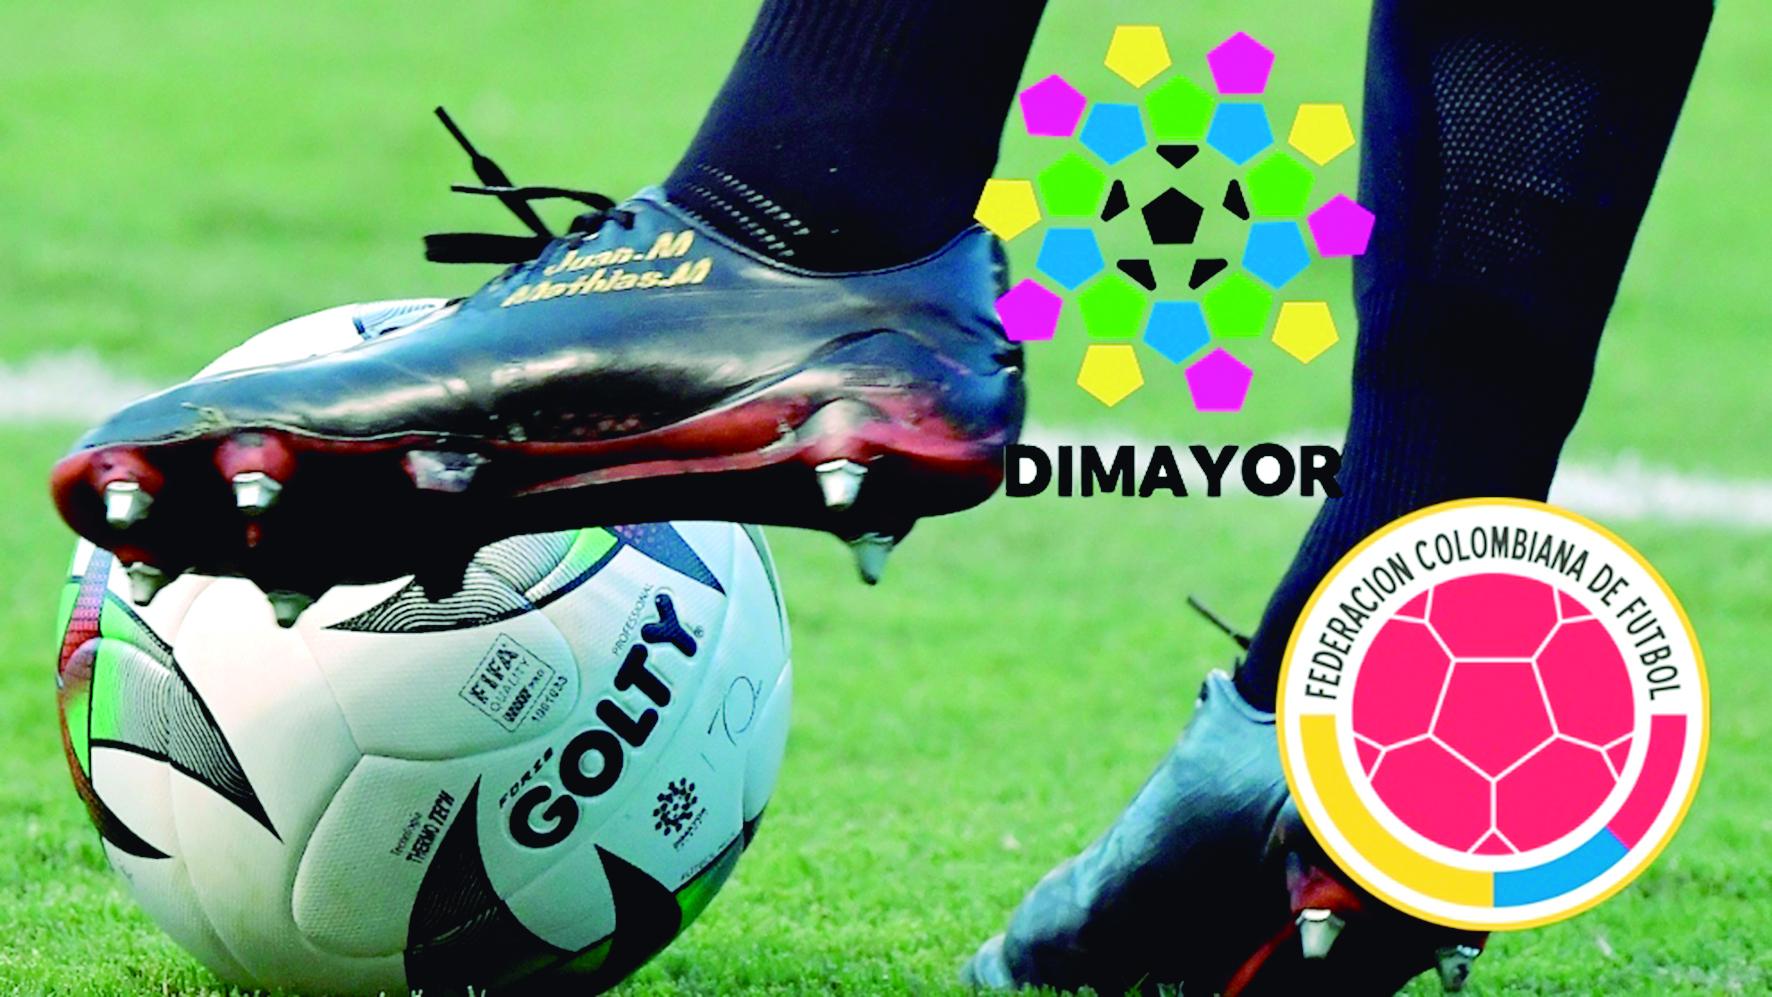 Dimayor rechazó como garante al Viceministro Baena | Deportes | EL FRENTE